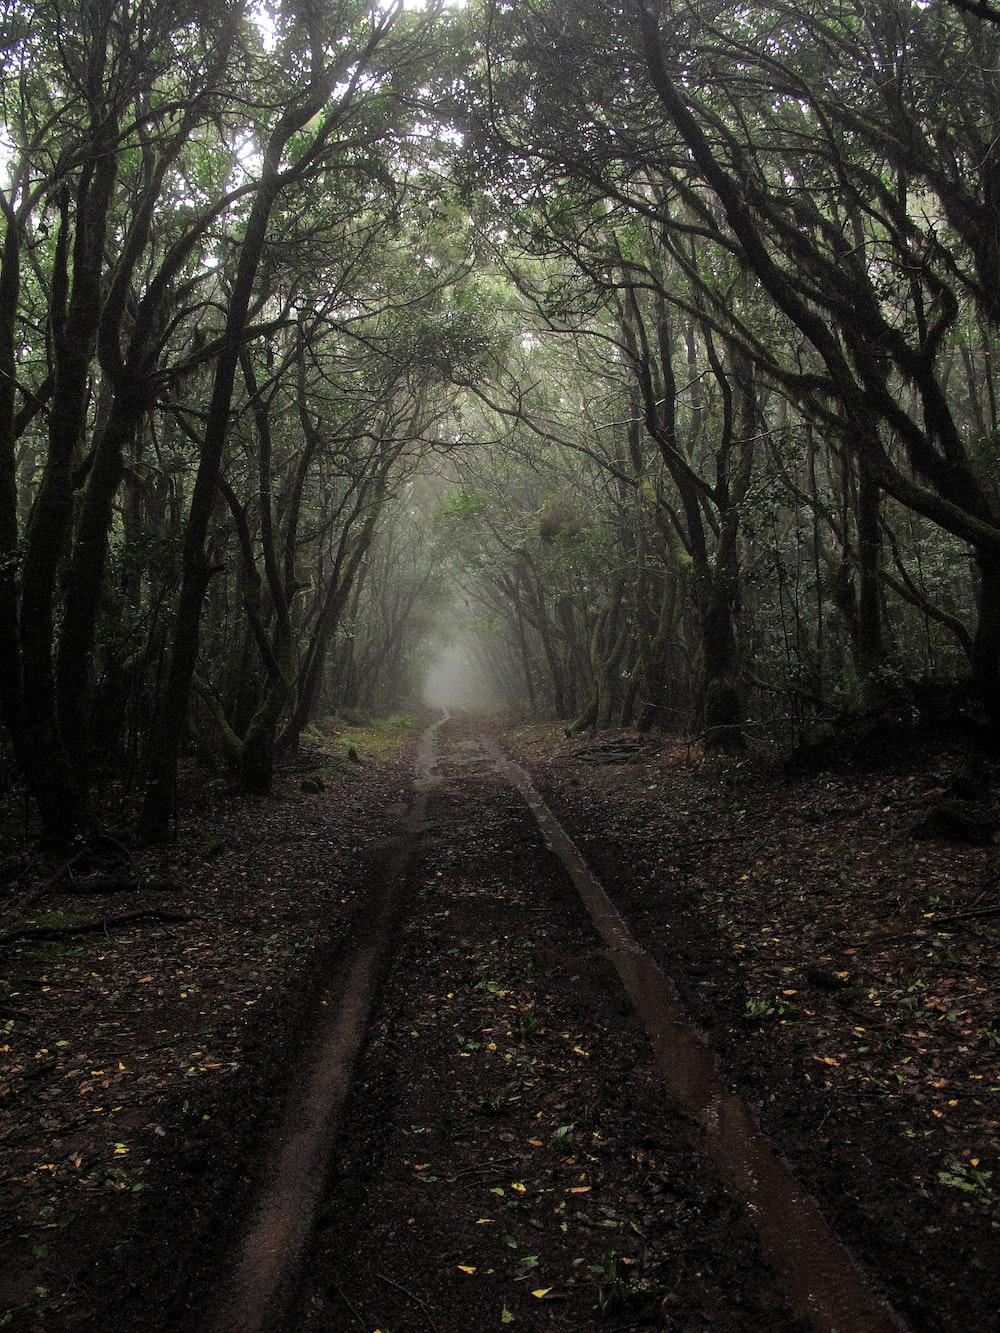 camino entre árboles durante el día